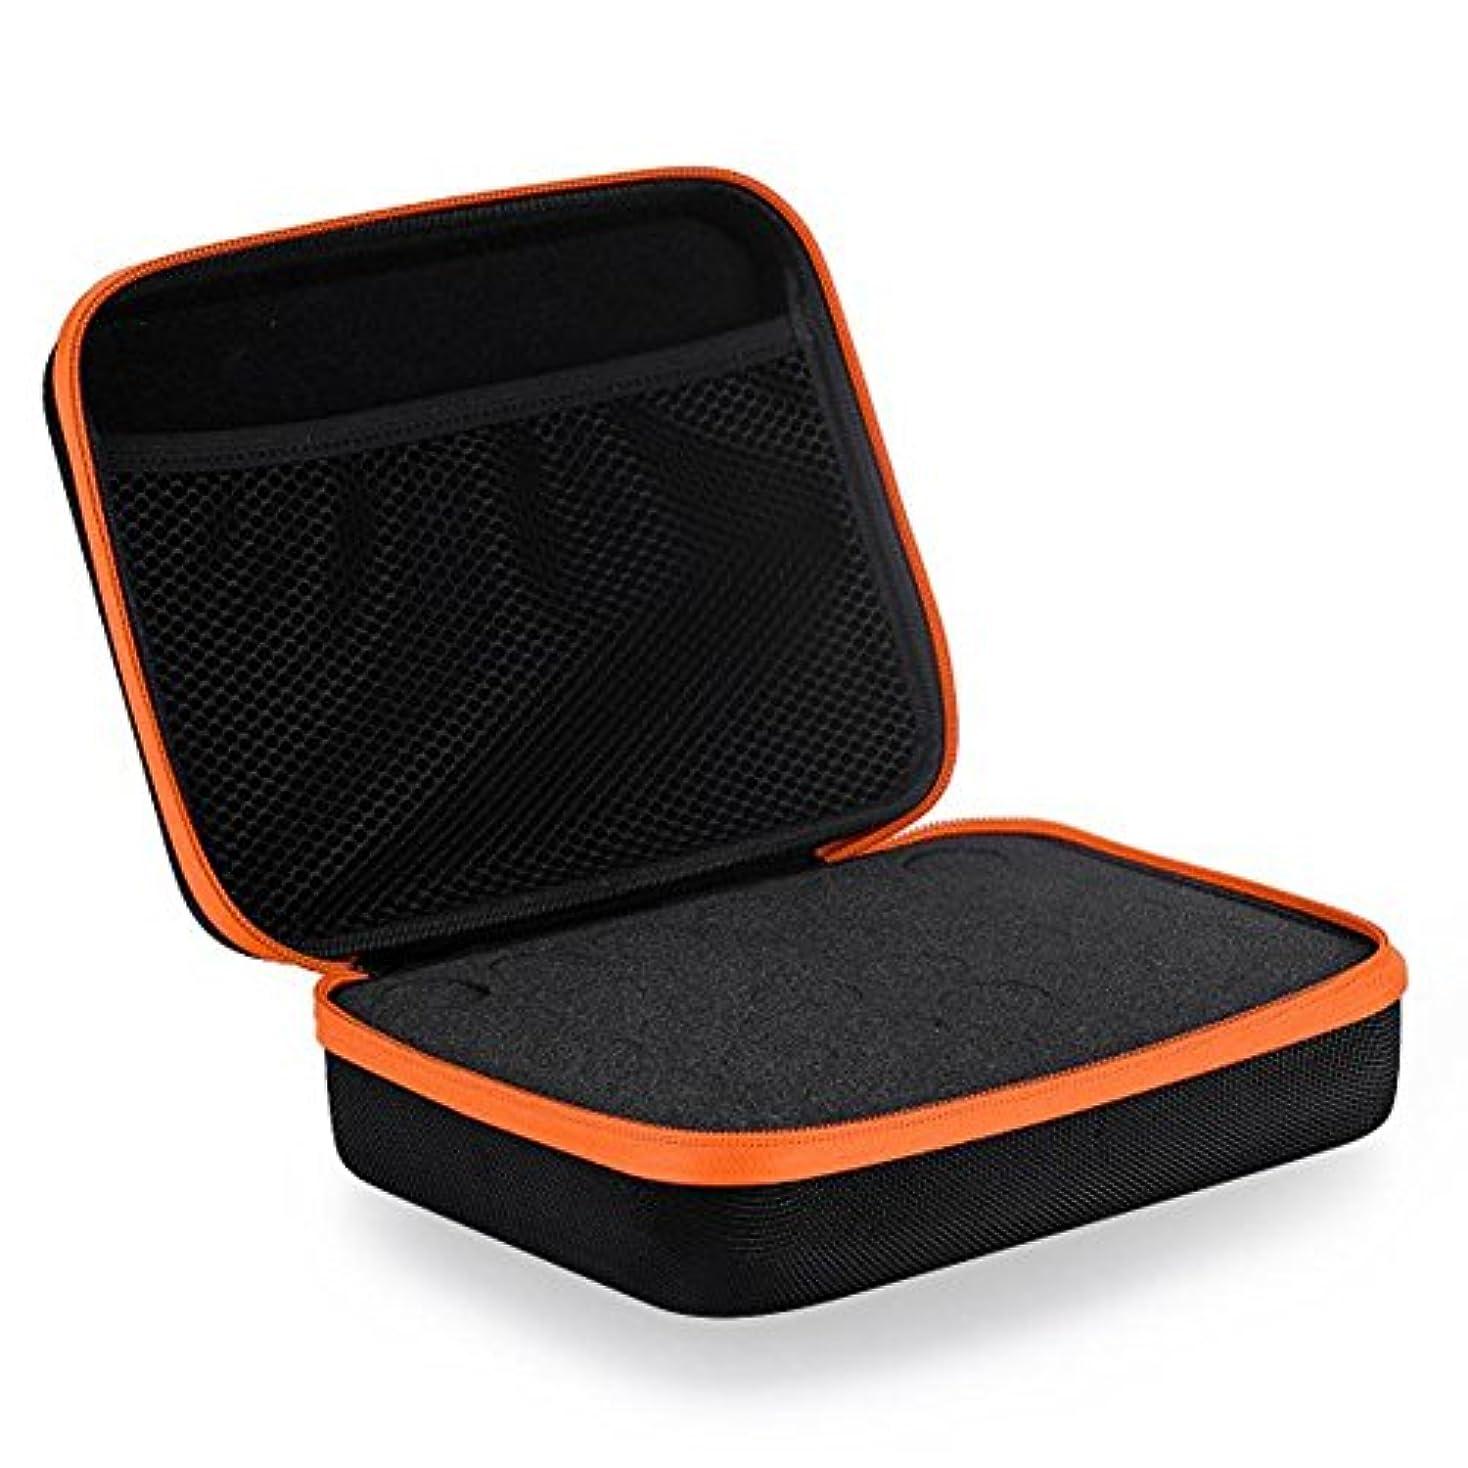 メダルベット保持する30グリッドエッセンシャルオイル収納ケース メイクストレージバッグ 精油収納ボックス EVA材質 5ML/10ML/15MLのため